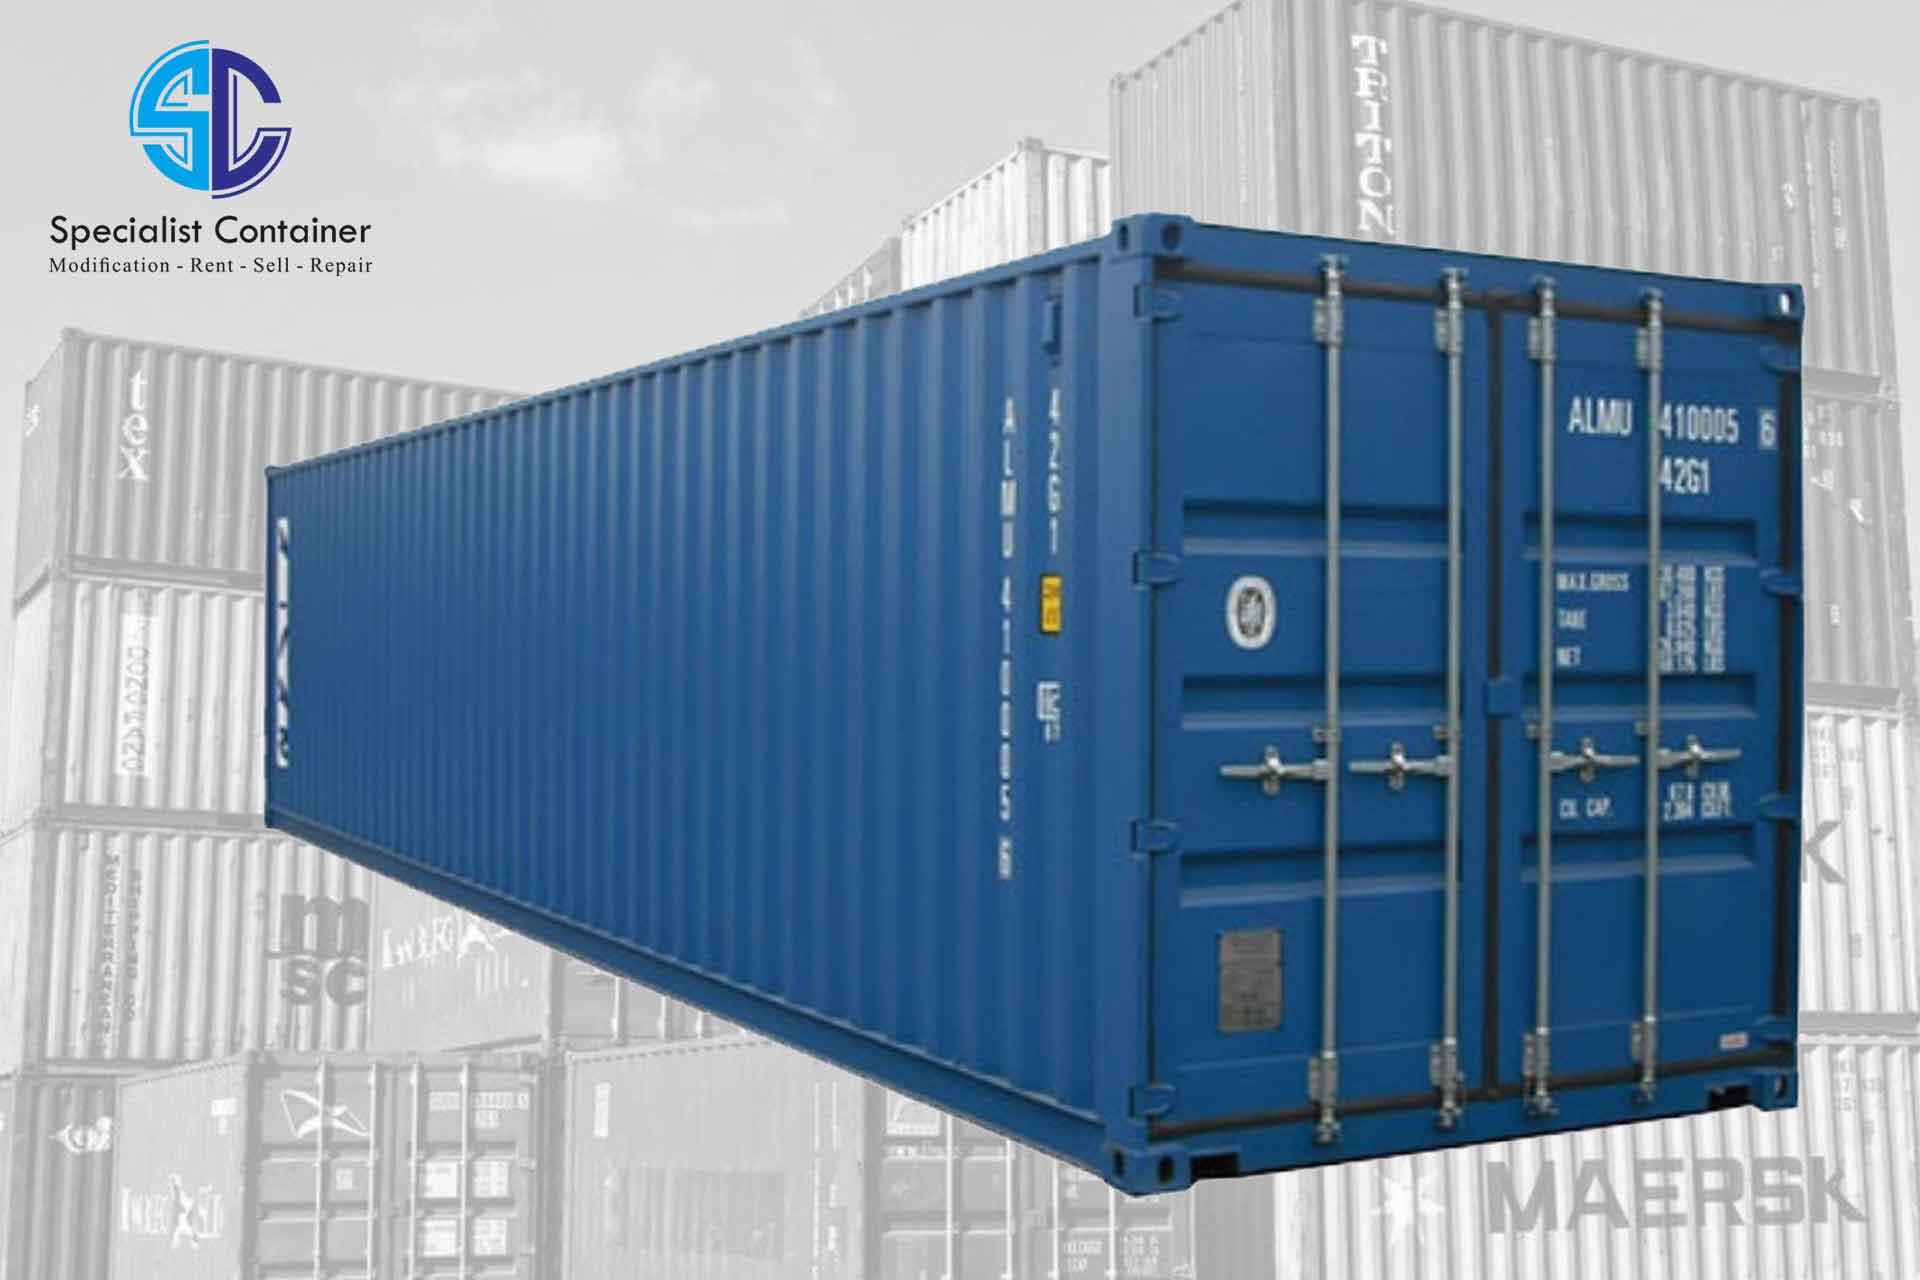 Ukuran Container 40 Feet Ternyata Segini